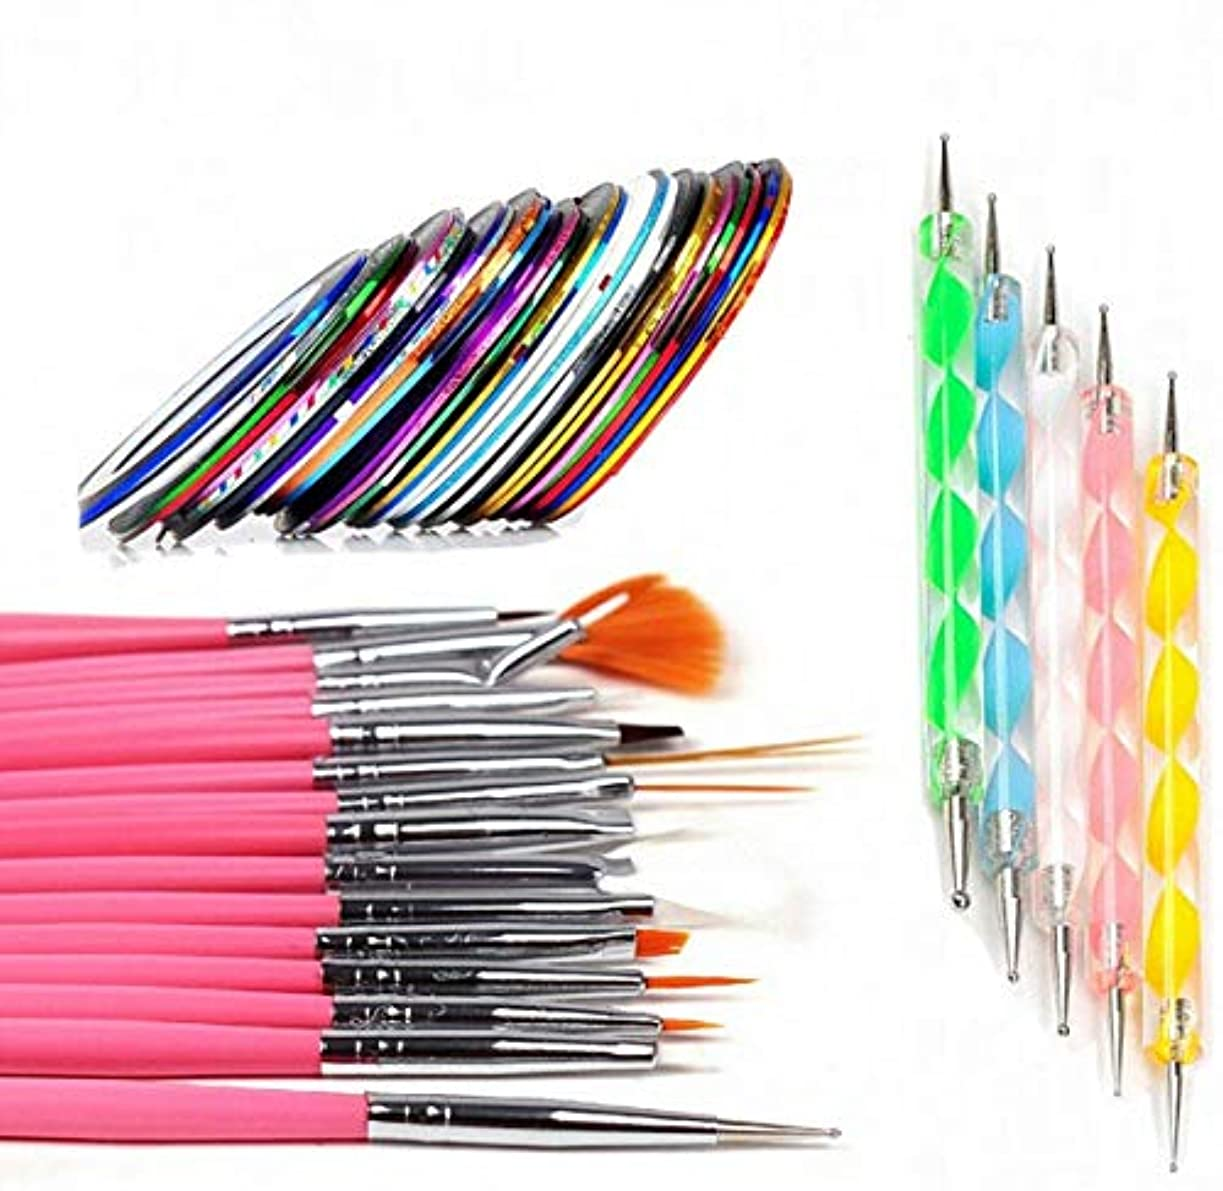 ライター重々しいこれらWellieSTR 55pcs バンドルネイルアートツールキット:15pcsアクリルネイルアートデザインペインティングディテールブラシ+ 35pcs混合色ストリッピングテープ+ 5pcsドットペン(10サイズ)